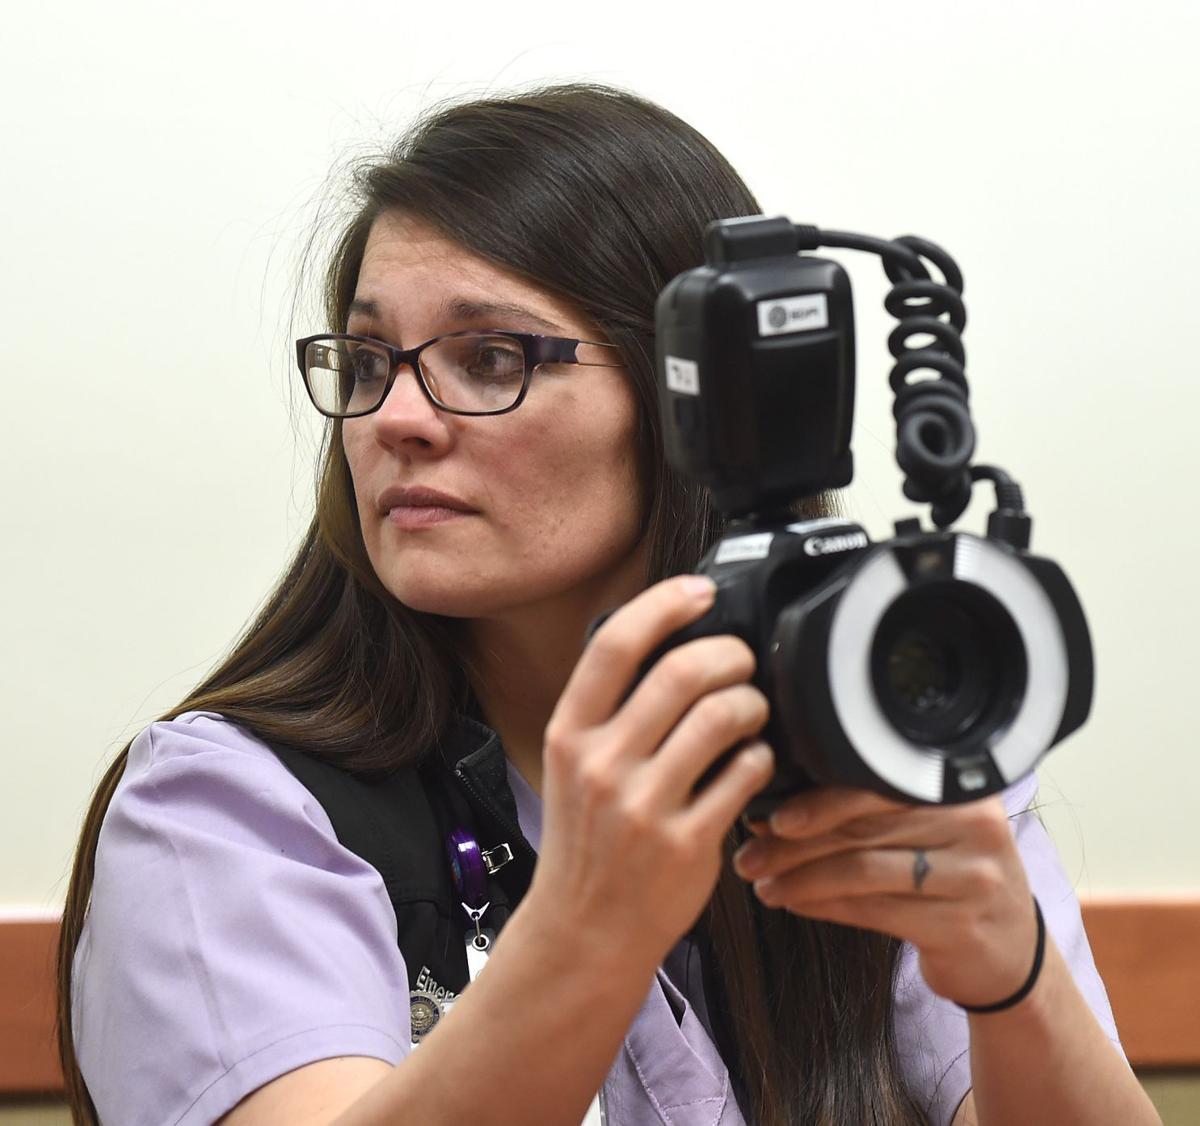 SANE nurse with camera